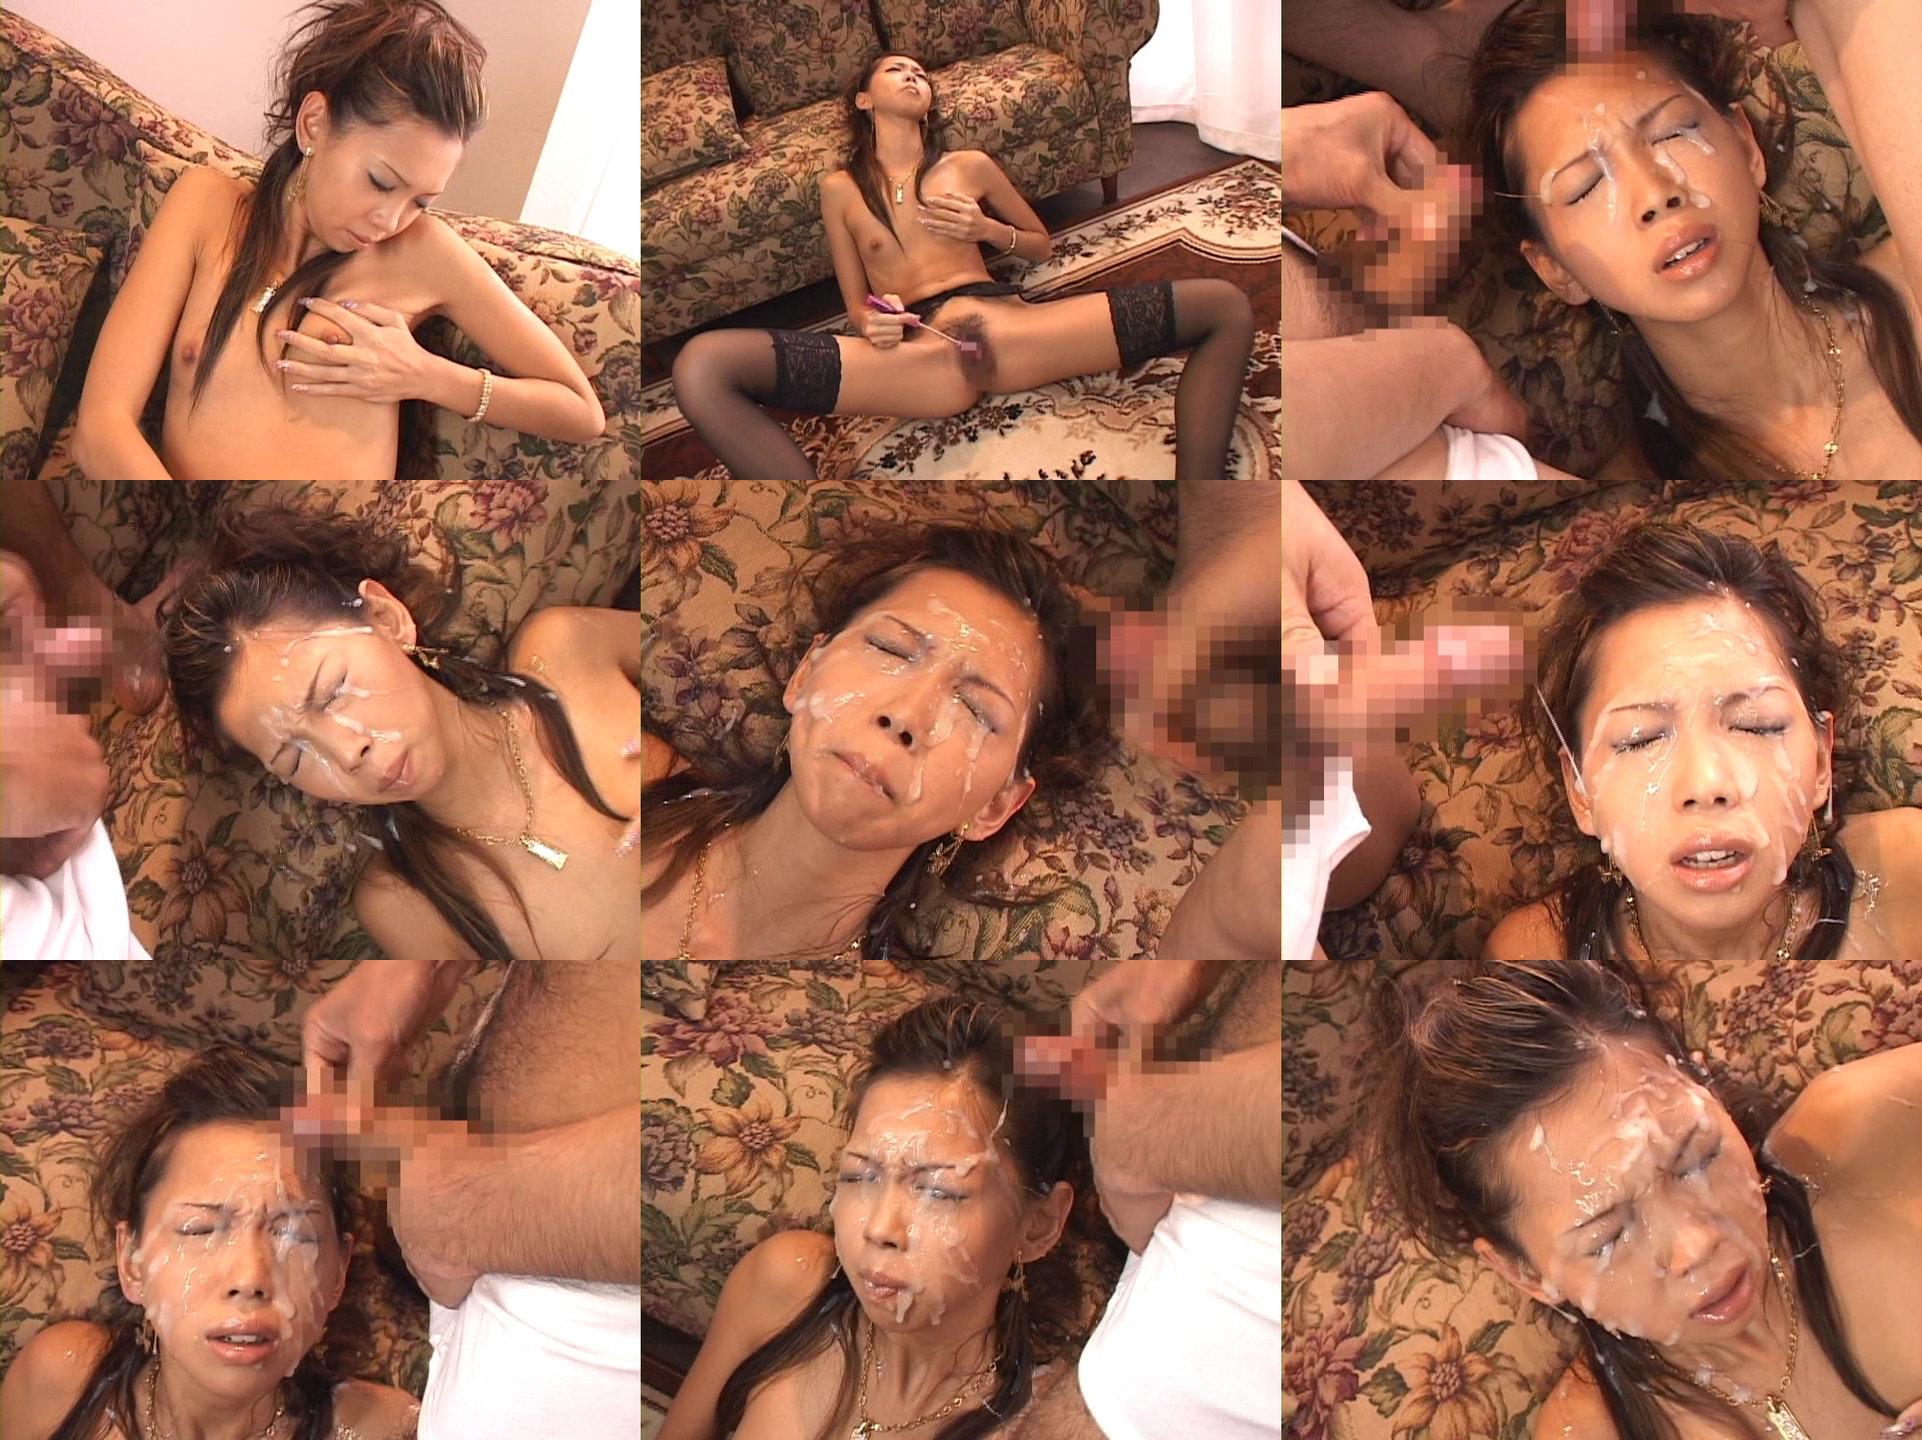 【熟女】エロ画像どんどん集めろ!その67【妖艶】xvideo>1本 fc2>1本 YouTube動画>3本 ->画像>1935枚